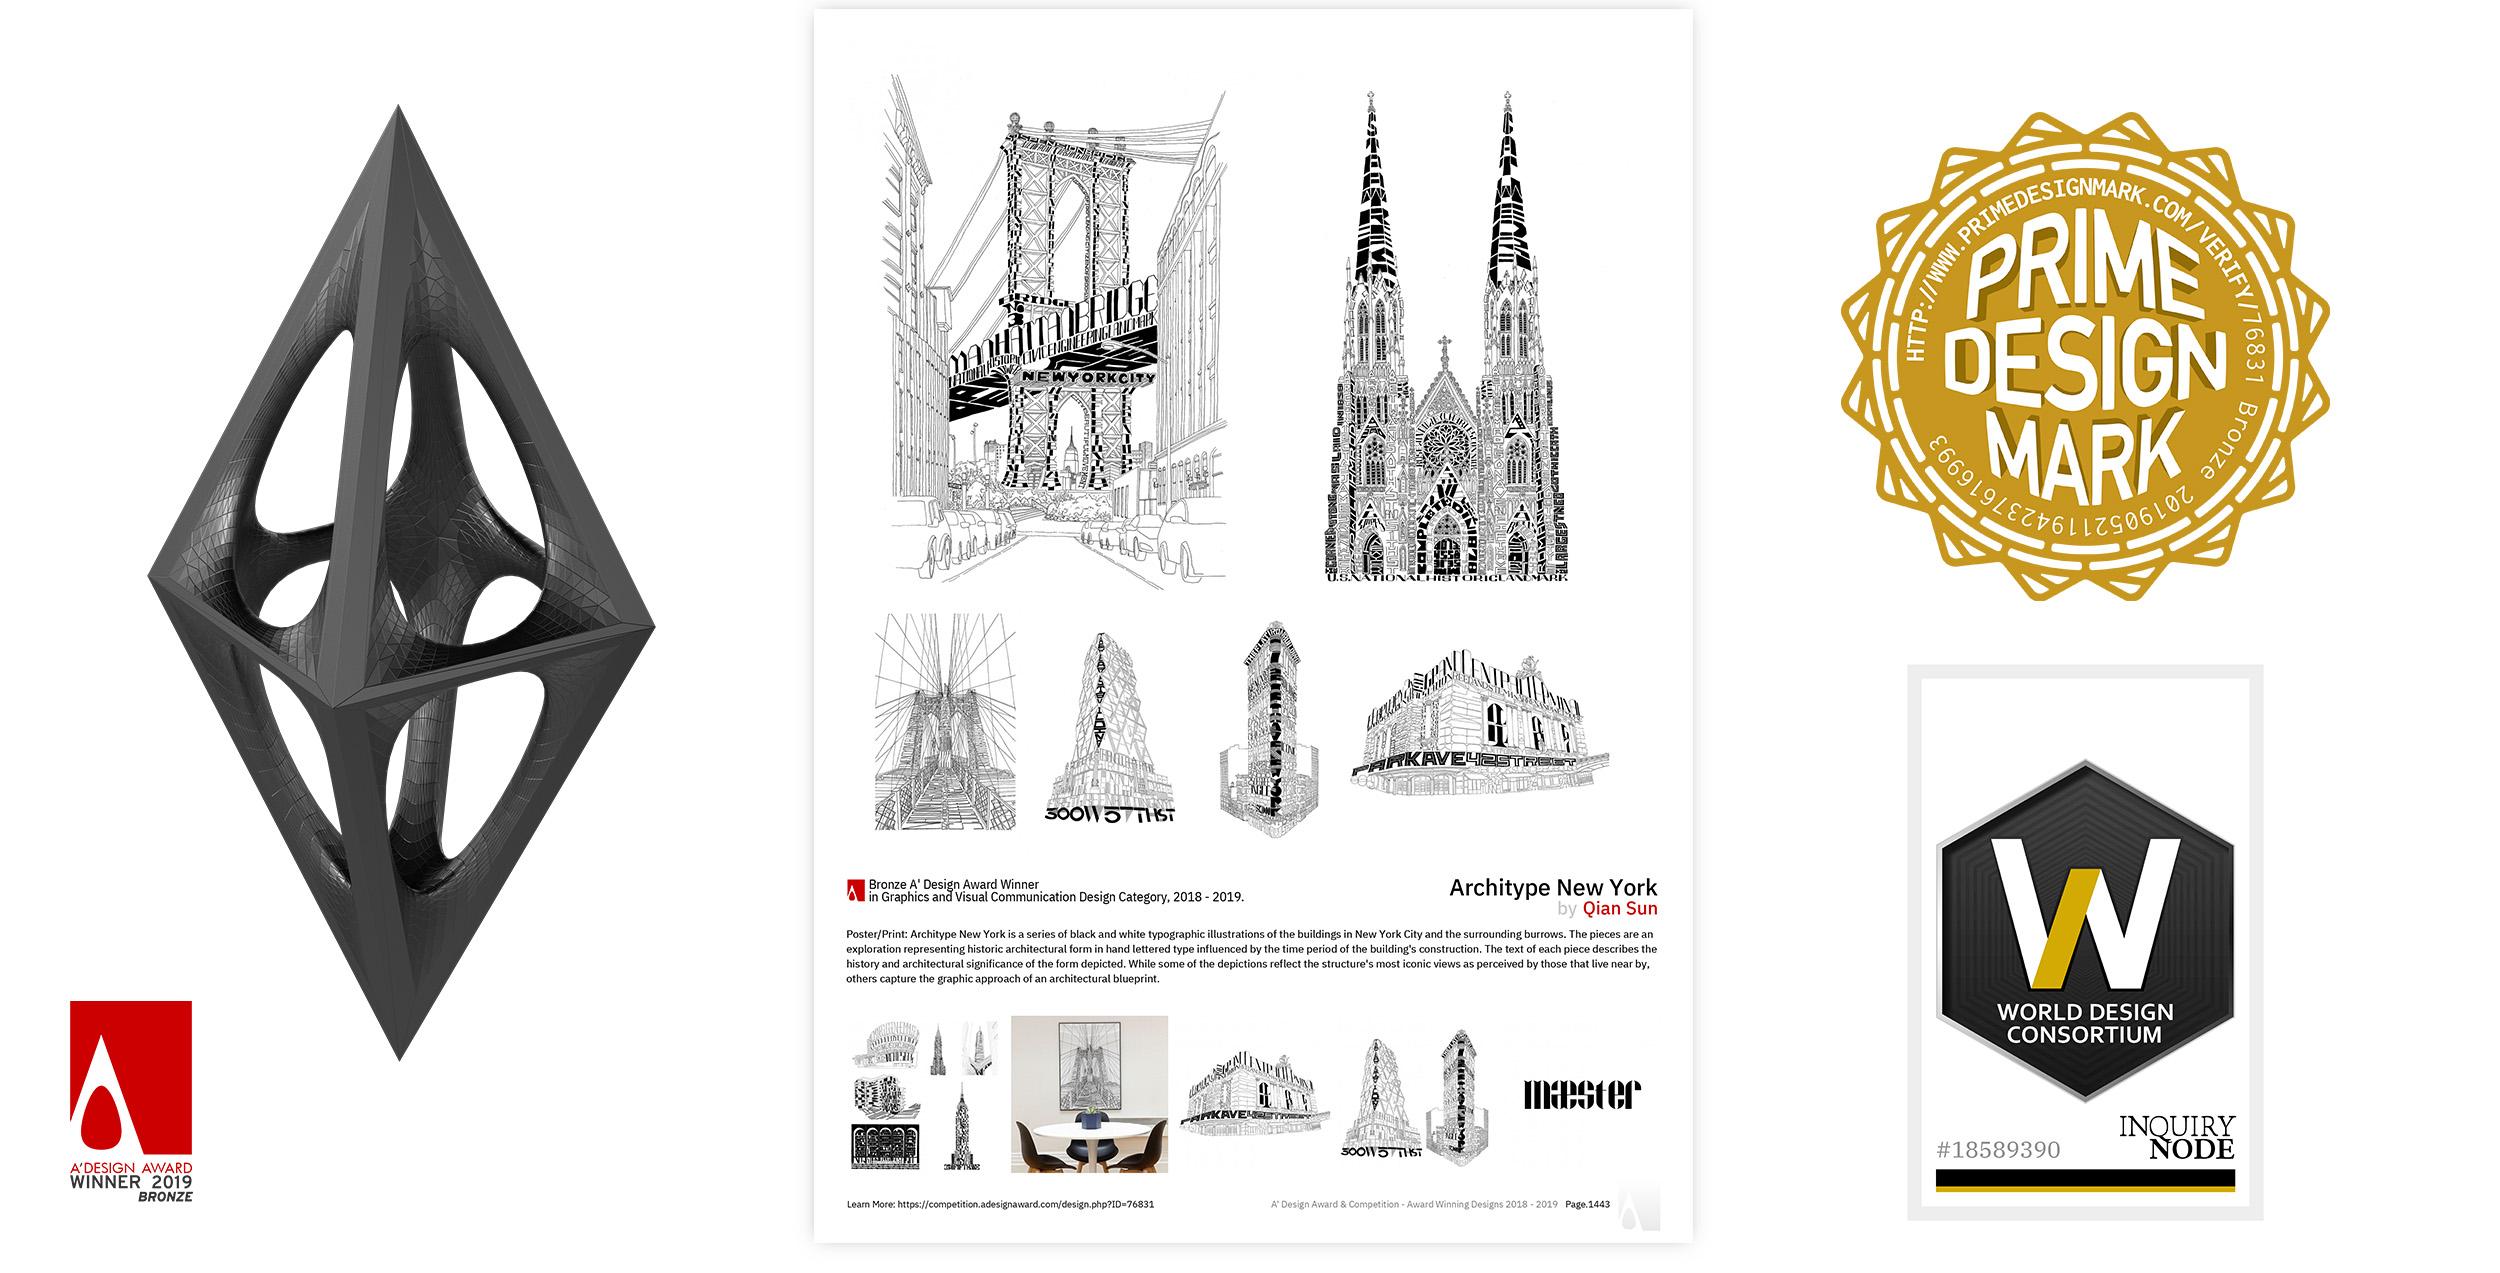 architype+Adesign+winner+marks.jpg